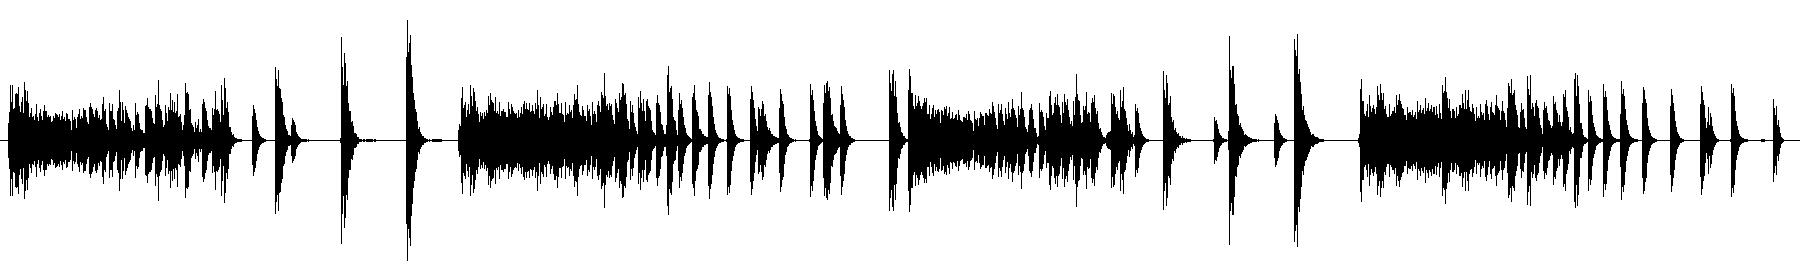 sr4 effect loop 70